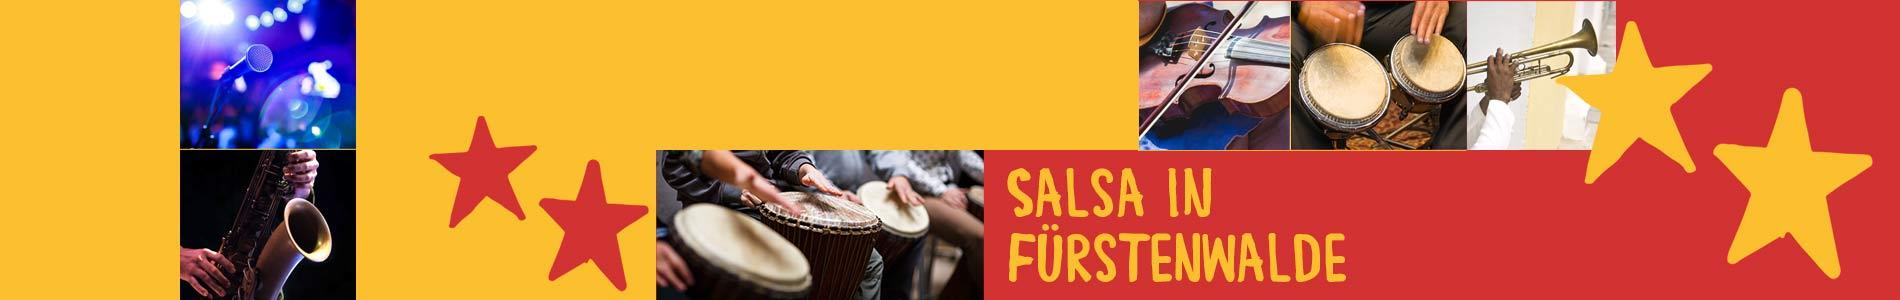 Salsa in Fürstenwalde – Salsa lernen und tanzen, Tanzkurse, Partys, Veranstaltungen